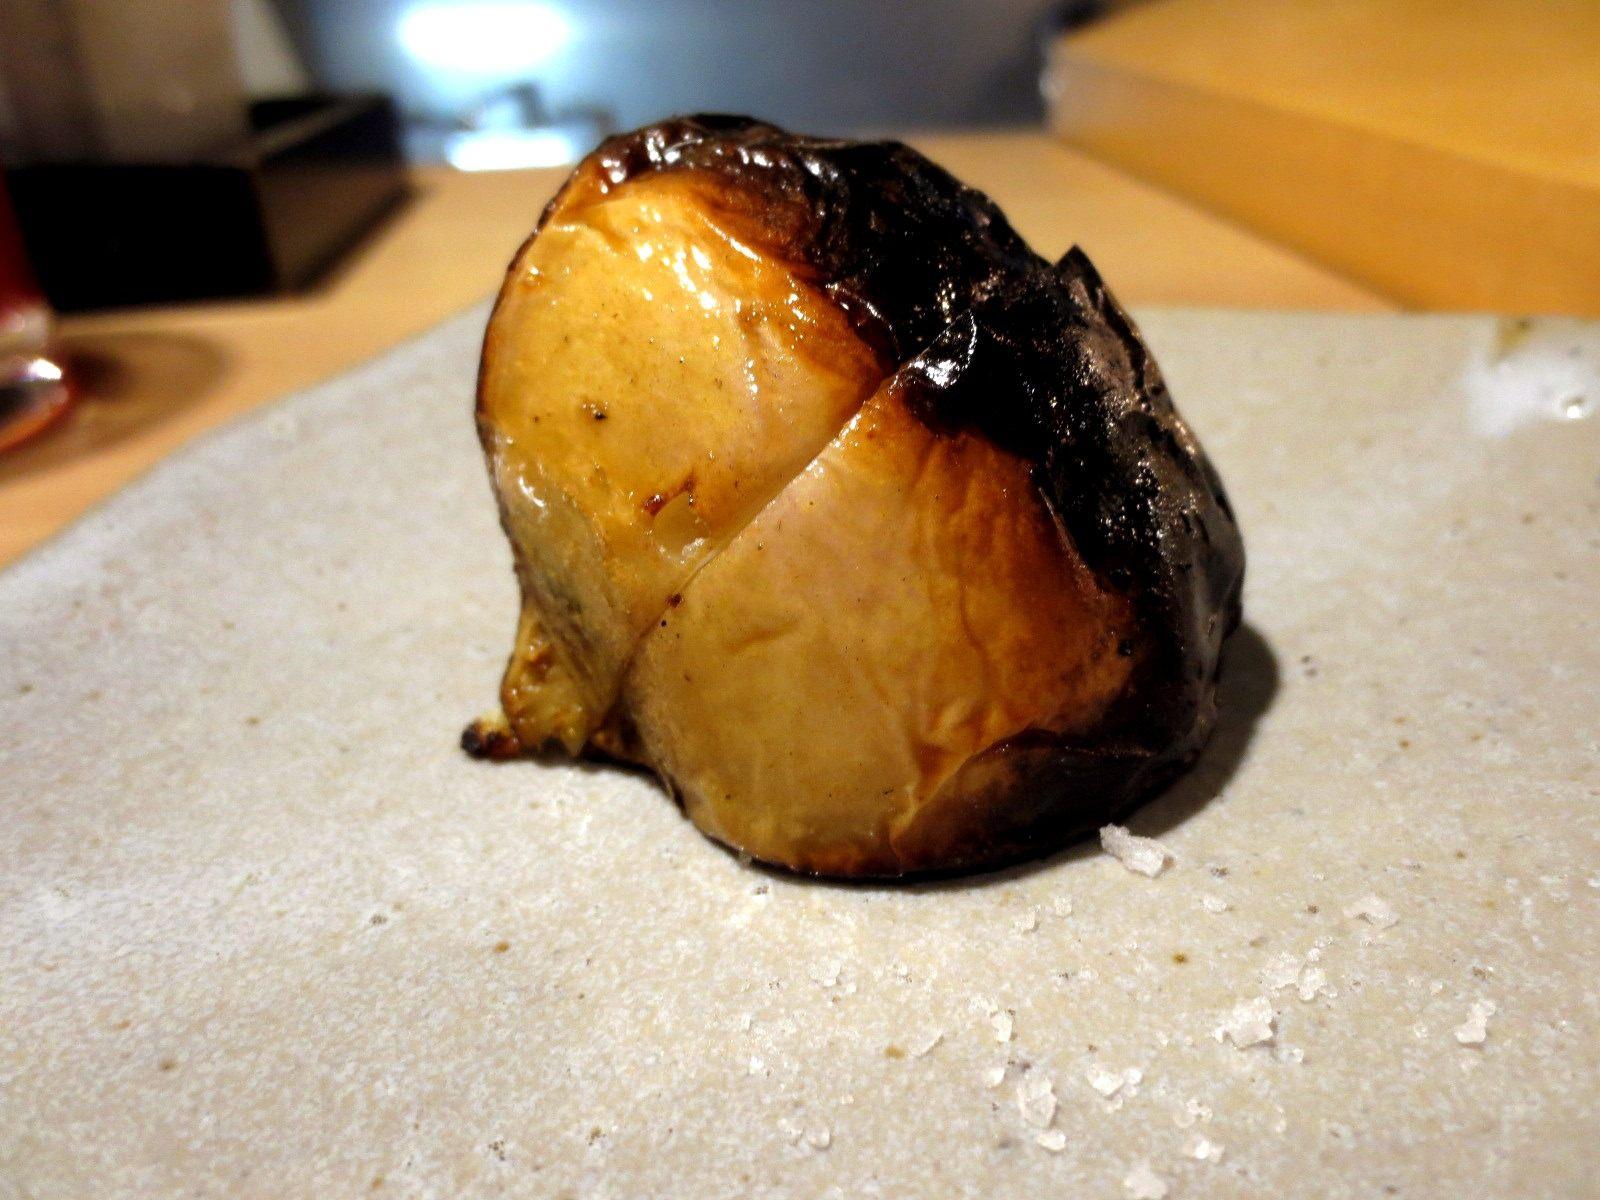 A kabura turnip